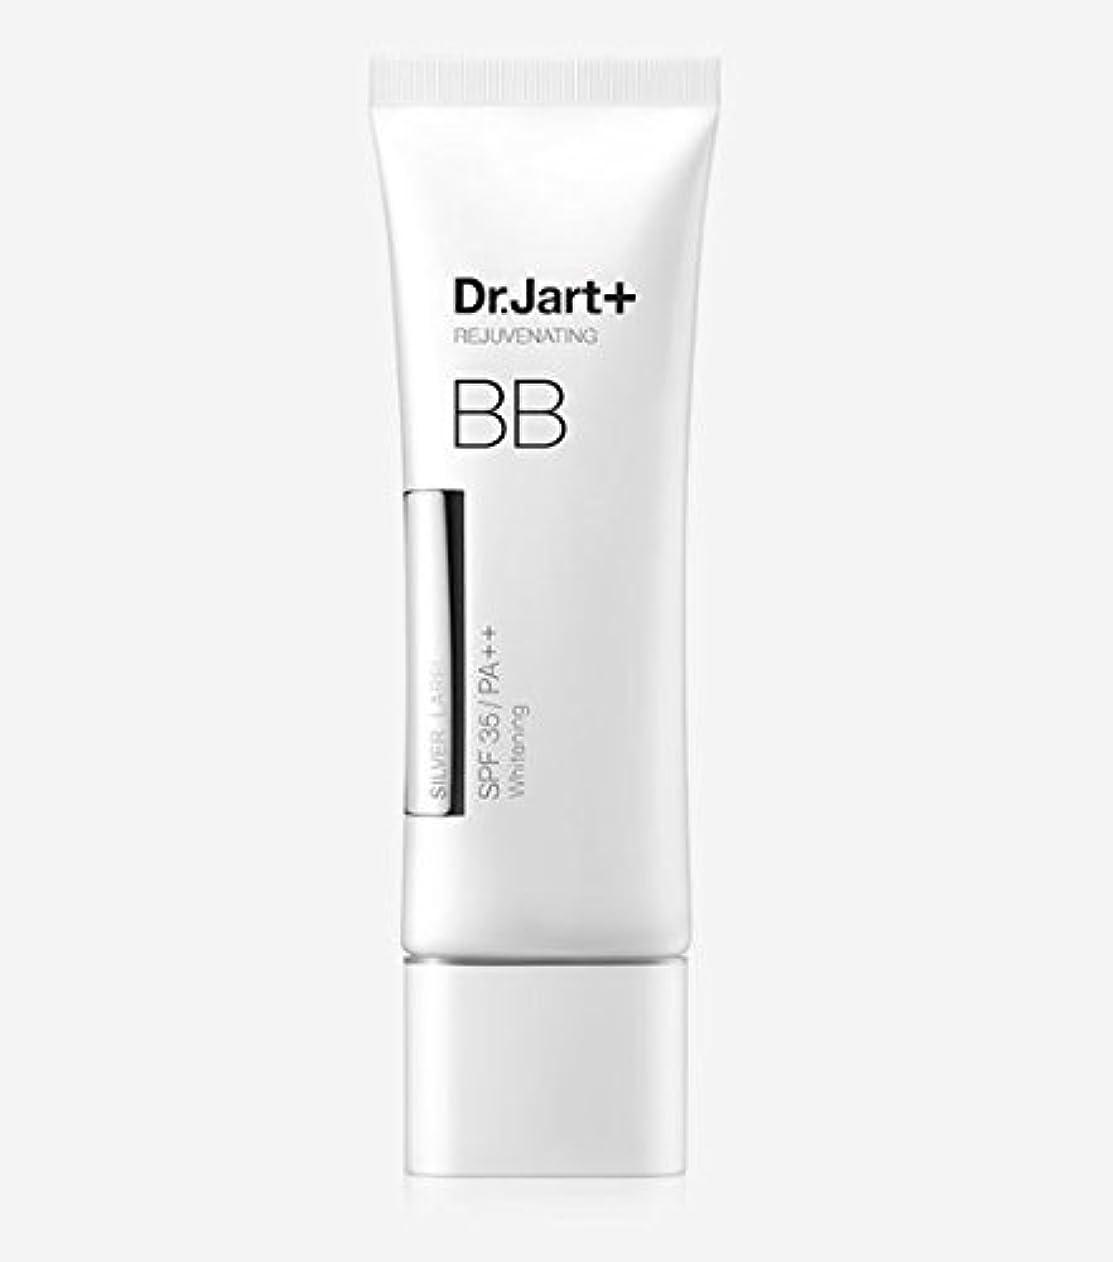 オーバーラン特徴敬な[Dr. Jart] Silver Label BB Rejuvenating Beauty Balm 50ml SPF35 PA++/[ドクタージャルト] シルバーラベル BB リジュビネイティング ビューティー バーム...